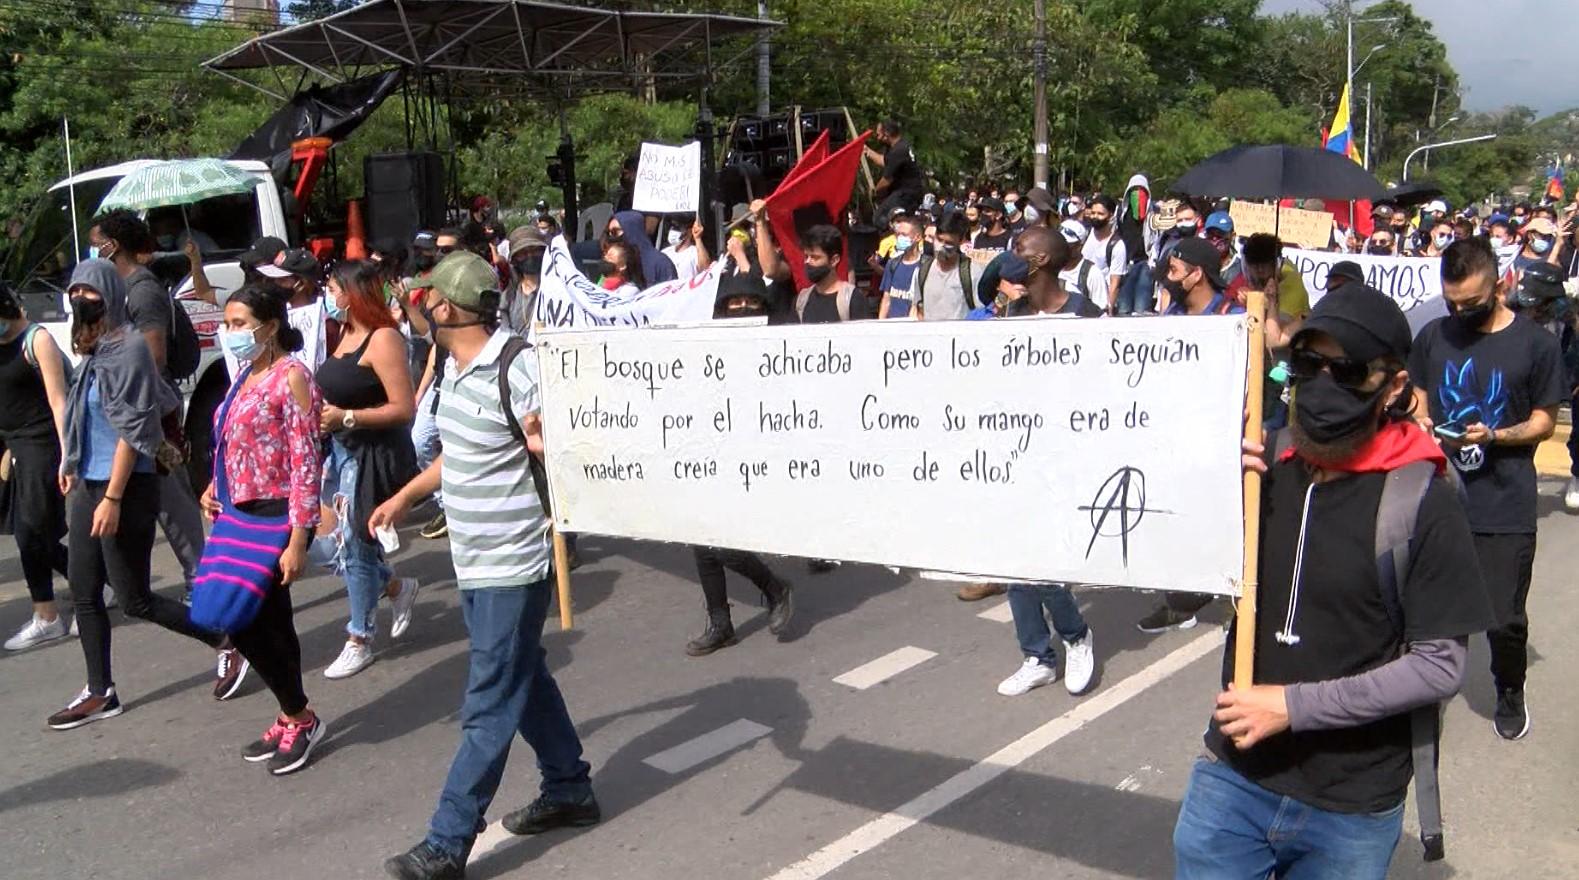 Personería de Medellín acompañará marchas del 20 de julio